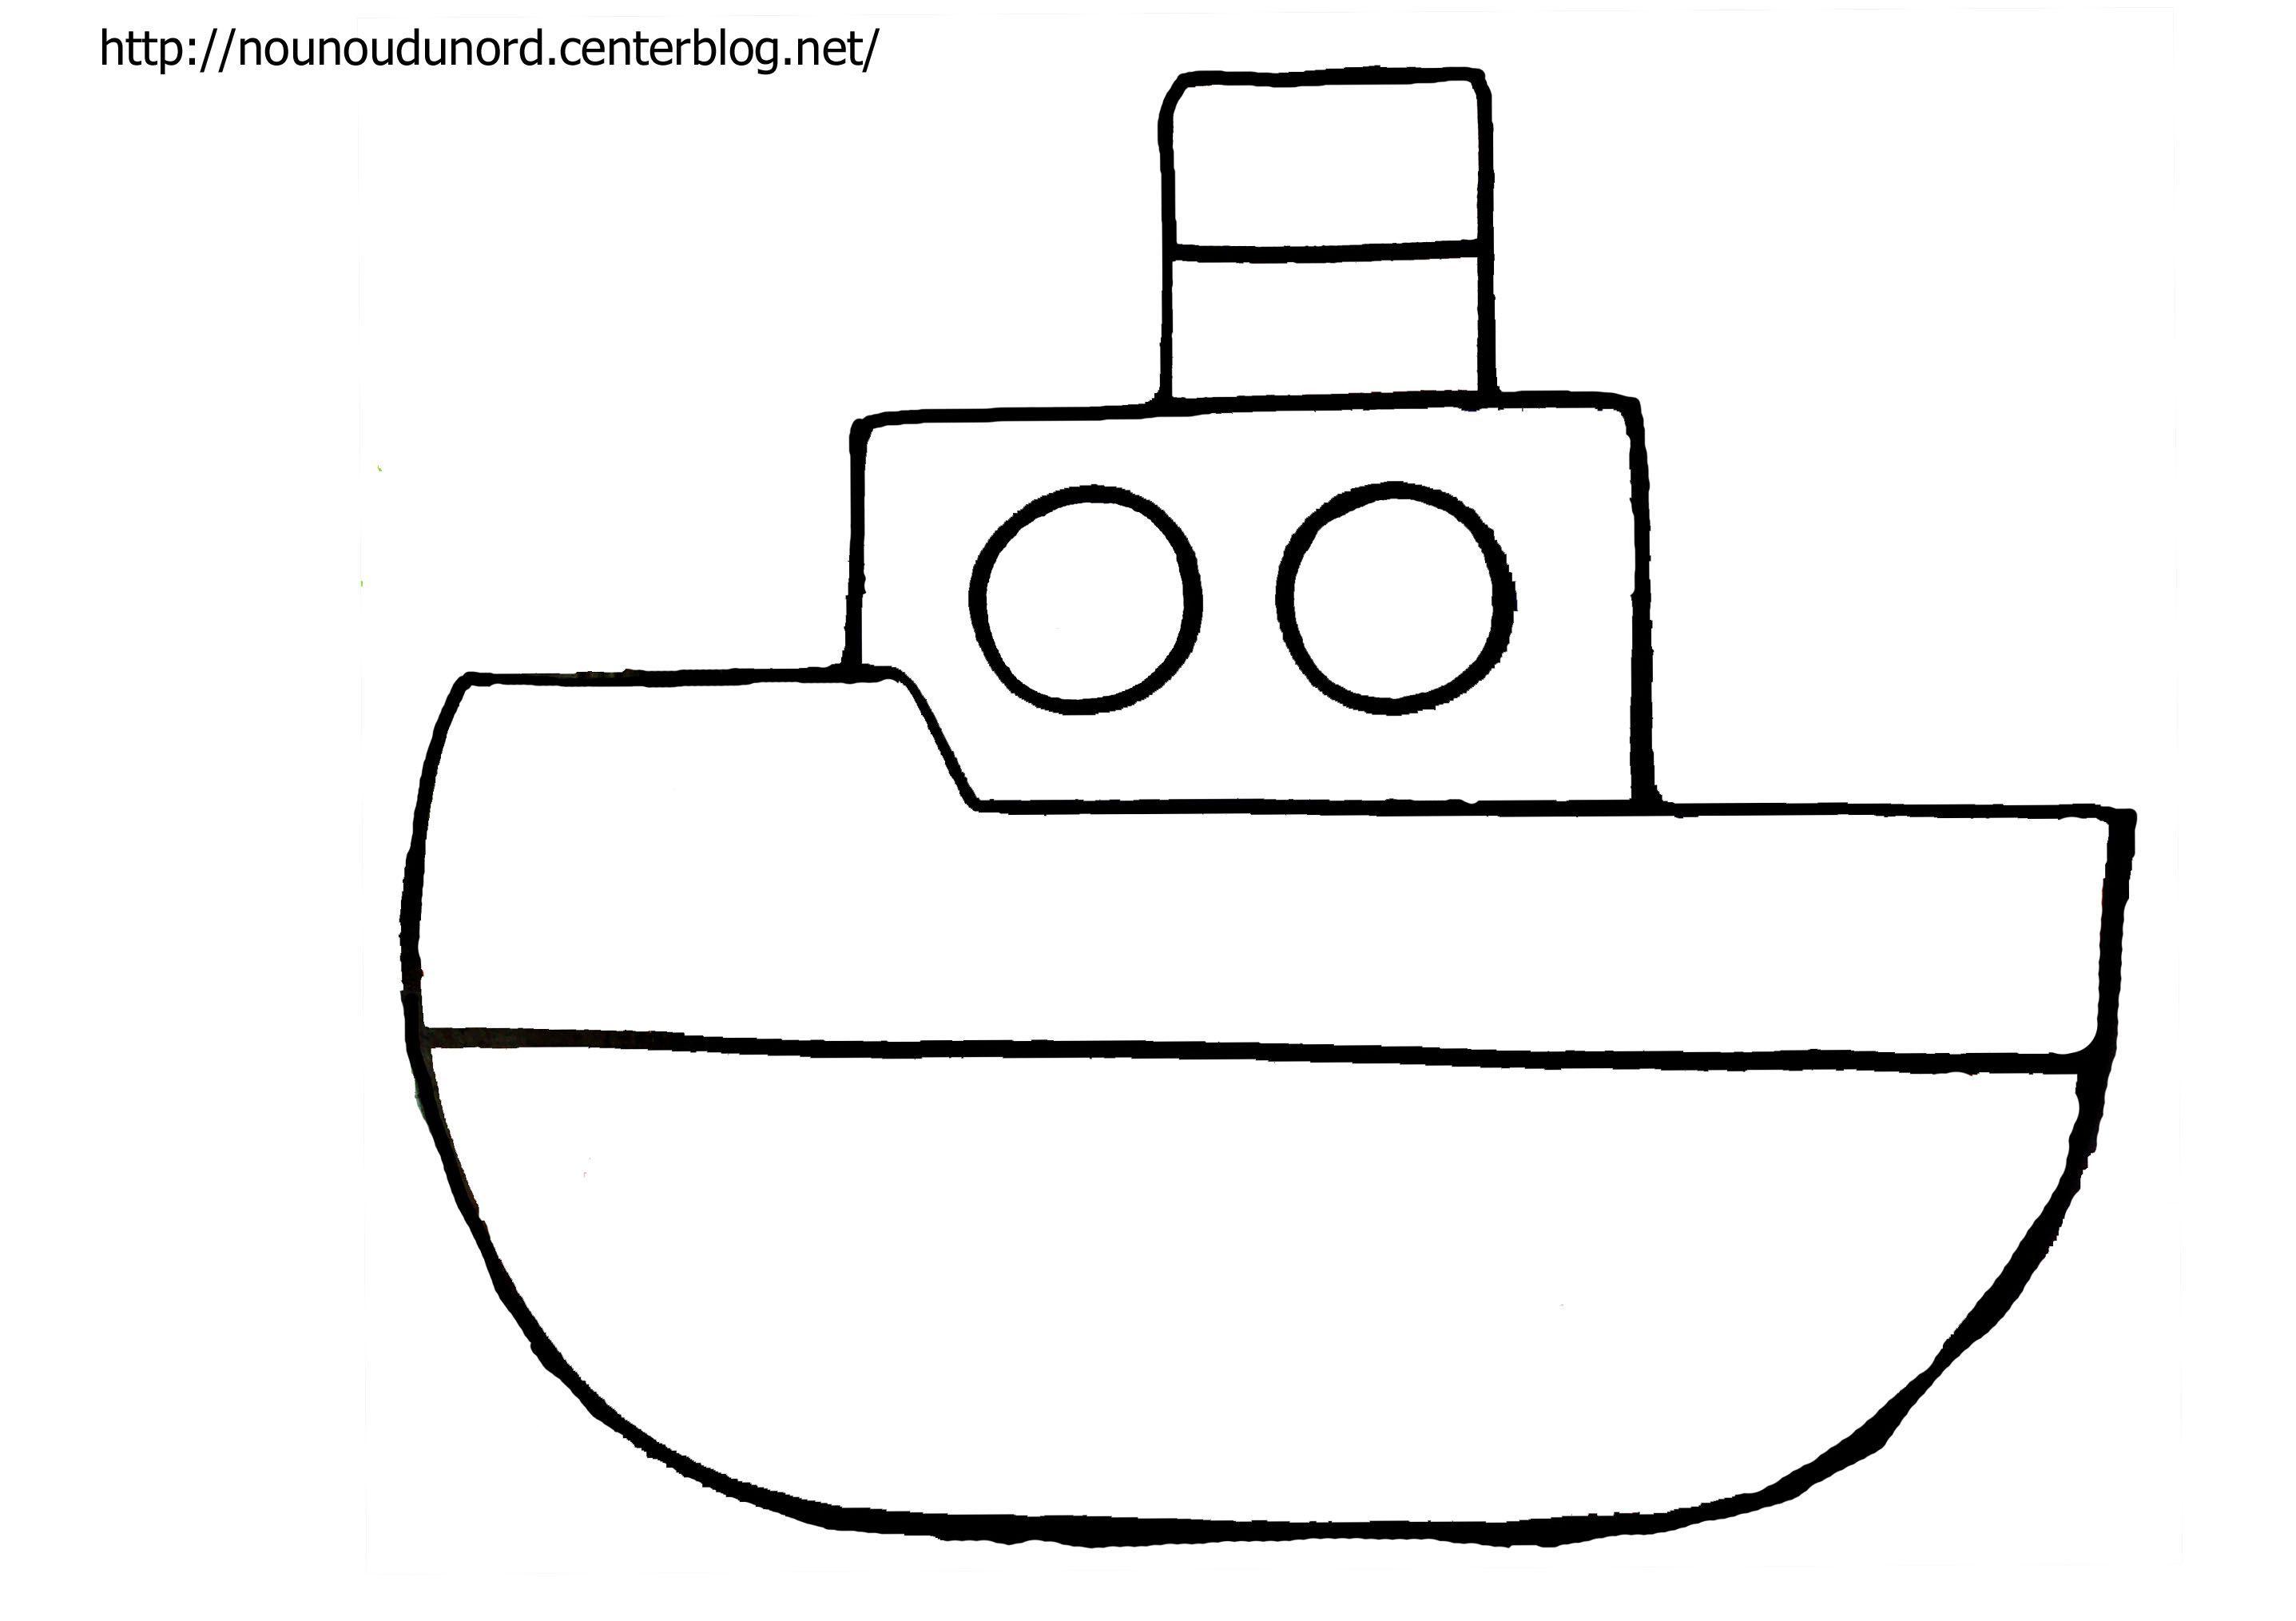 Coloriage bateau dessin par nounoudunord - Dessin bateau enfant ...